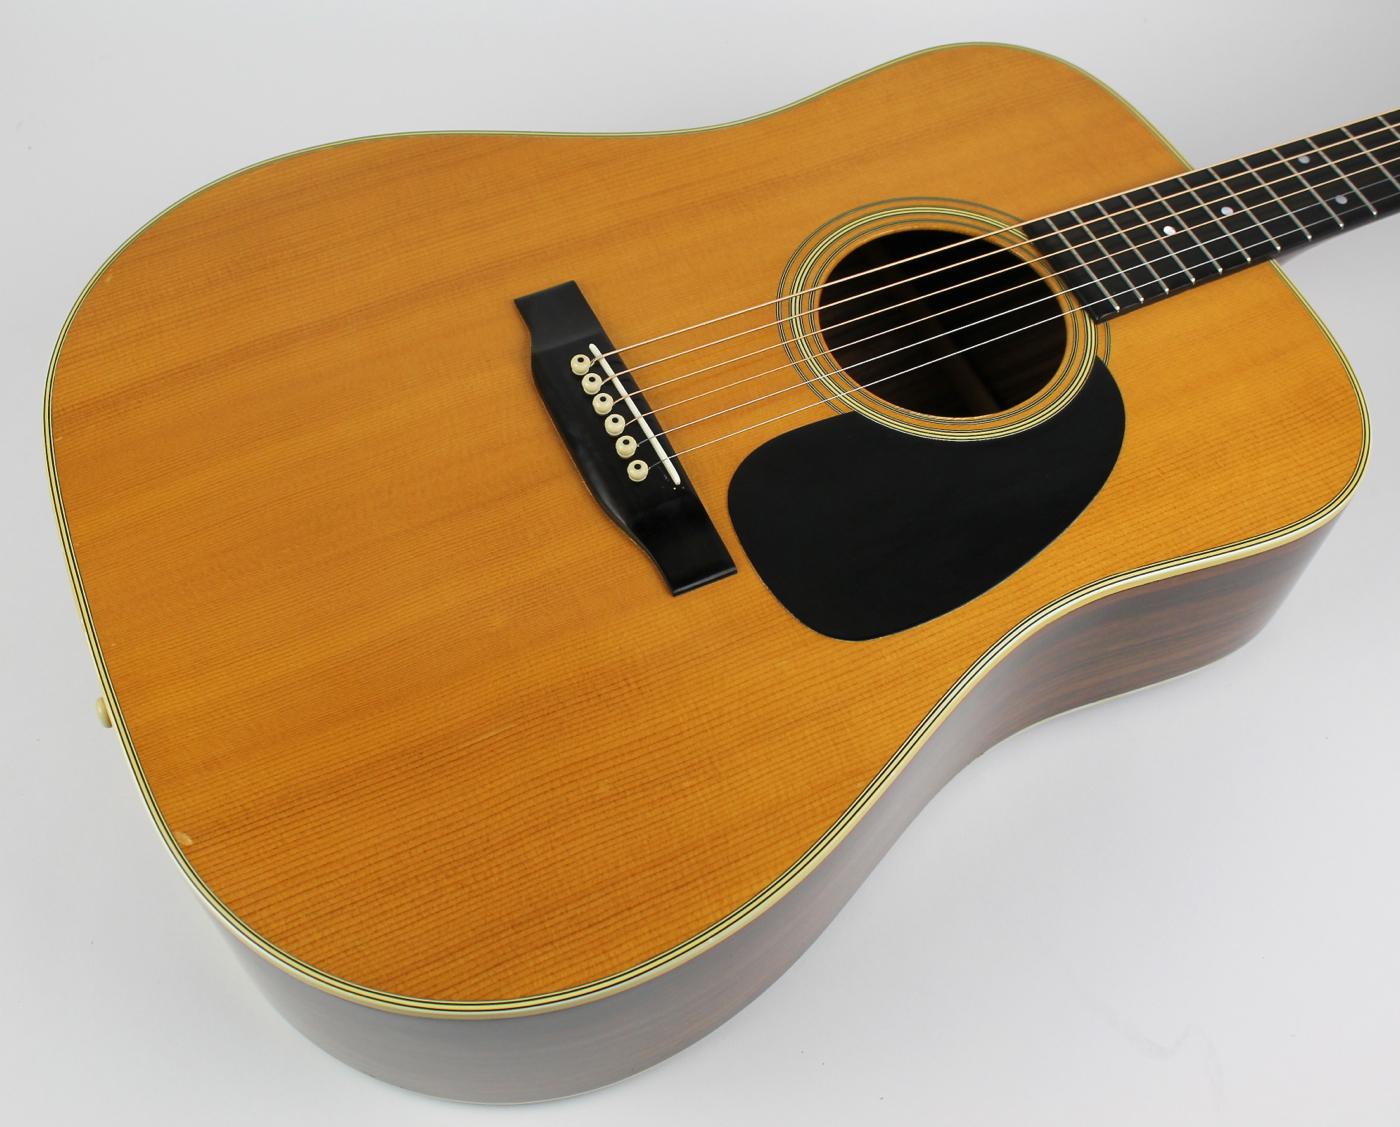 martin d28 1970 natural guitar for sale thunder road guitars. Black Bedroom Furniture Sets. Home Design Ideas